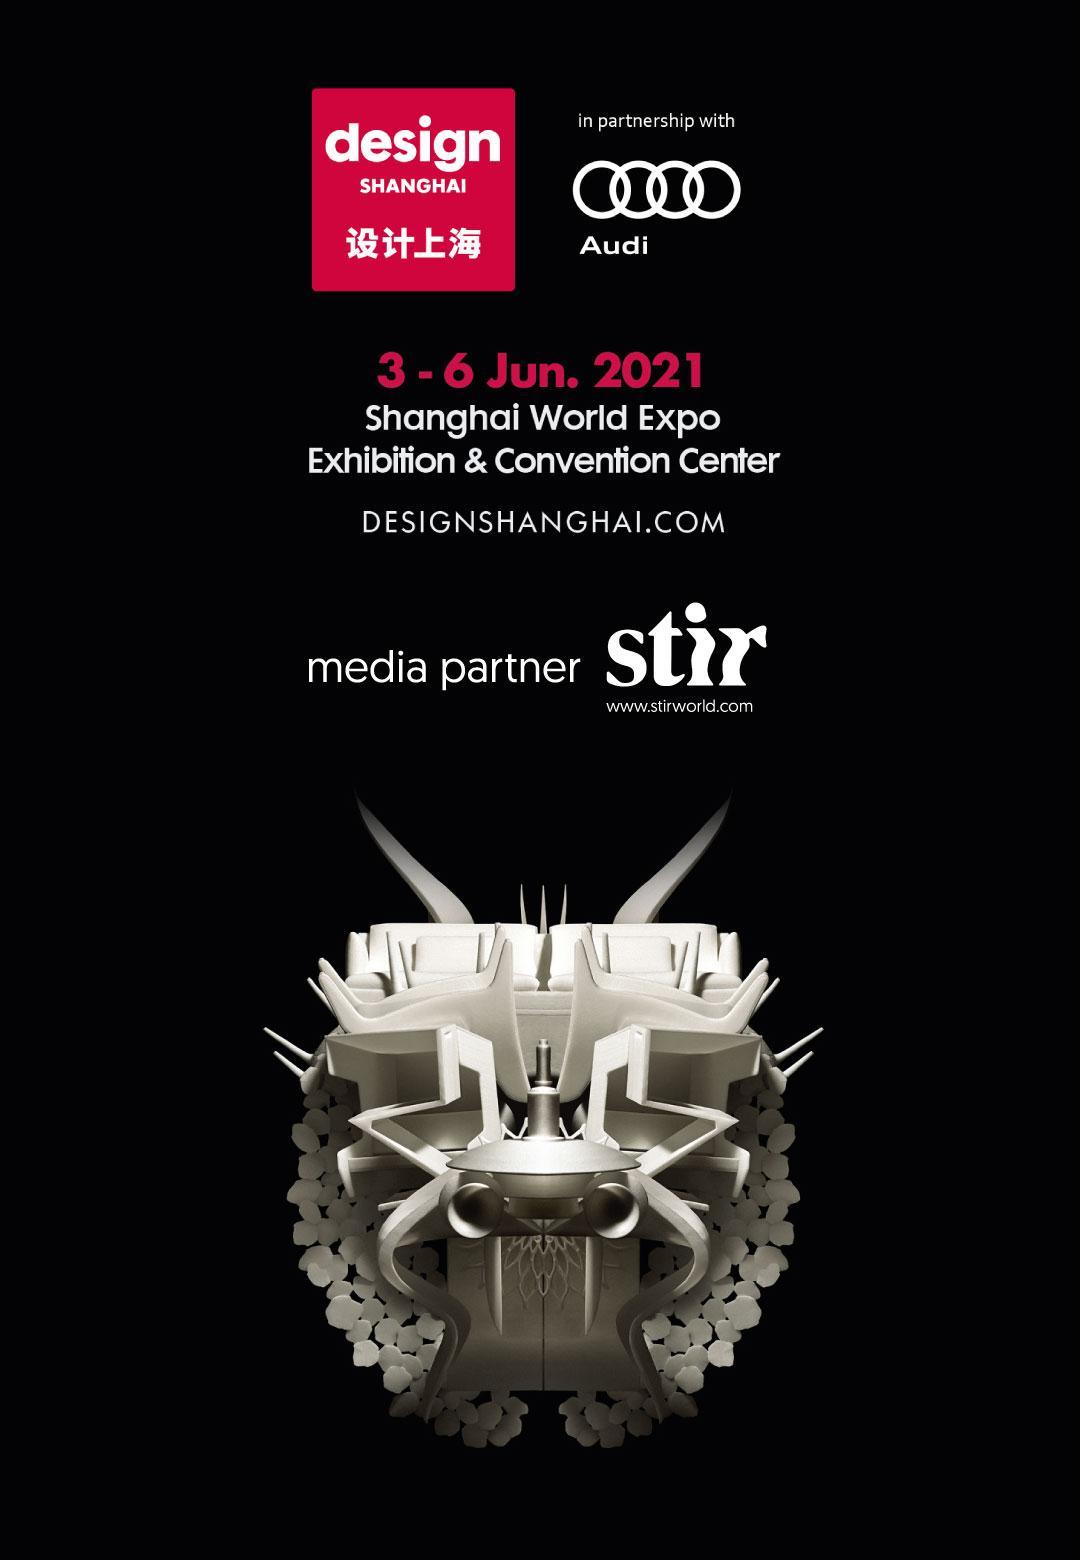 World Expo Shanghai 2021 Poster